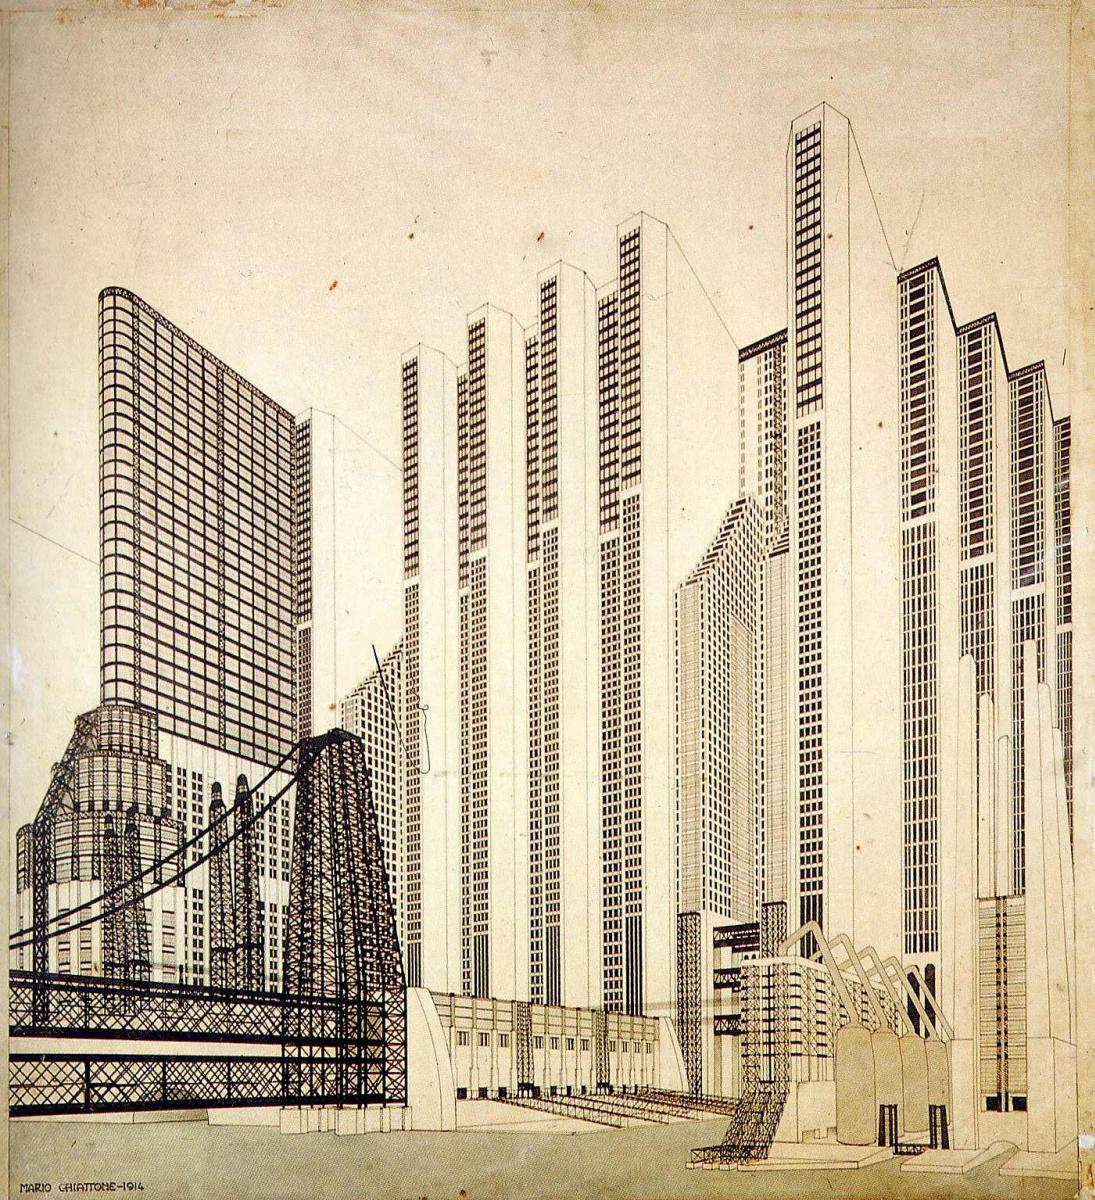 Марио Чиаттон. Построенные здания